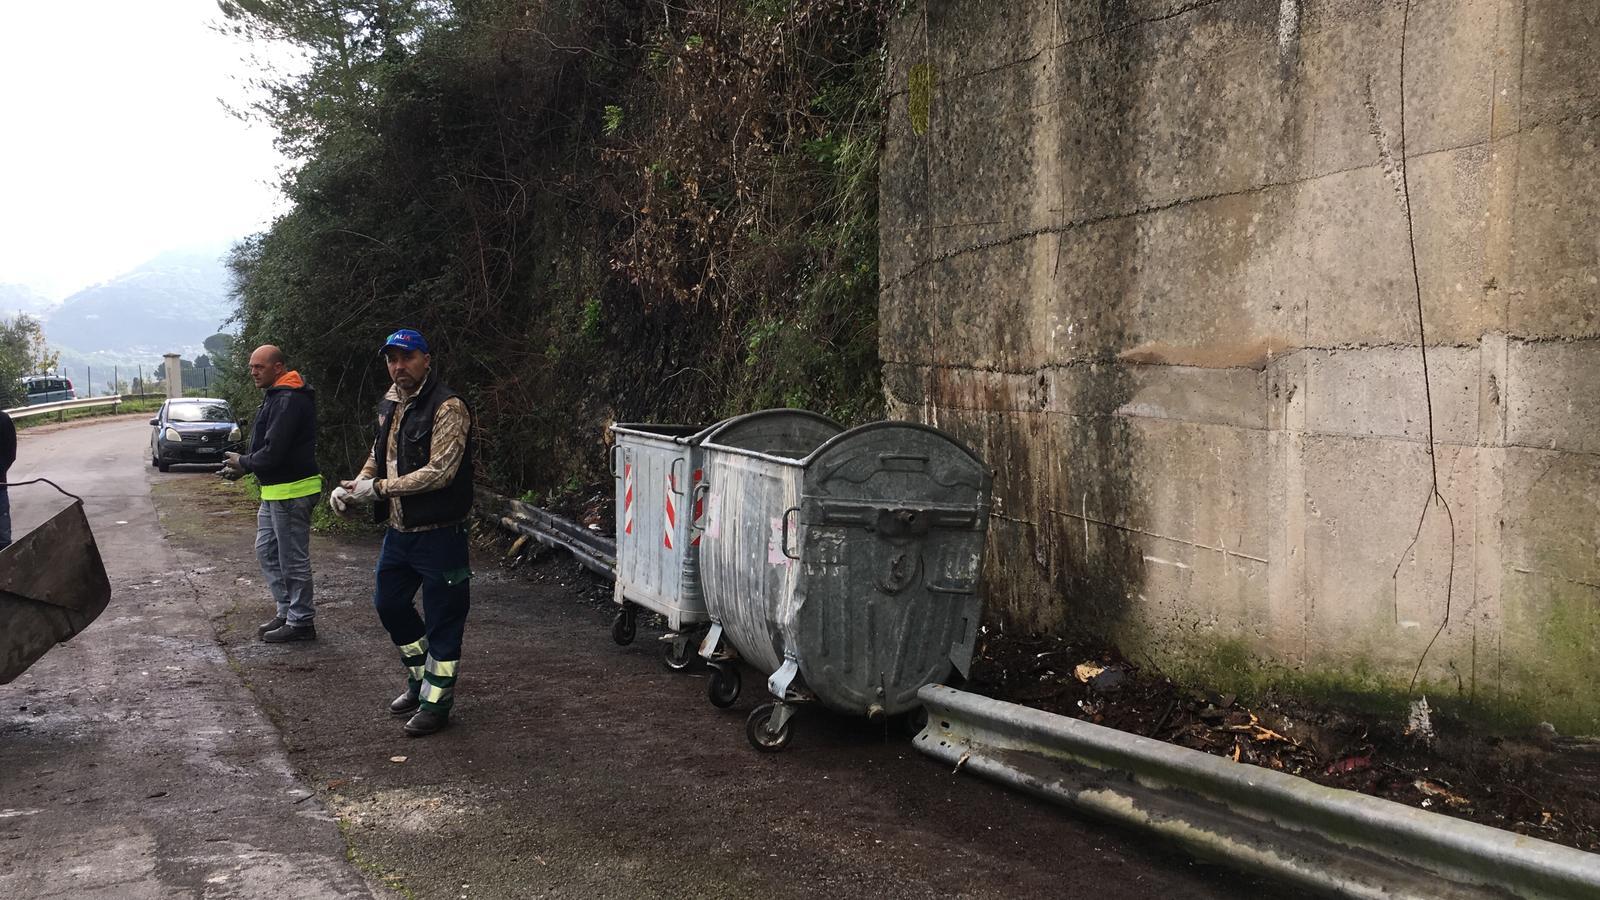 Villaggio Montano, la Mirto ripulisce ennesima discarica abusiva